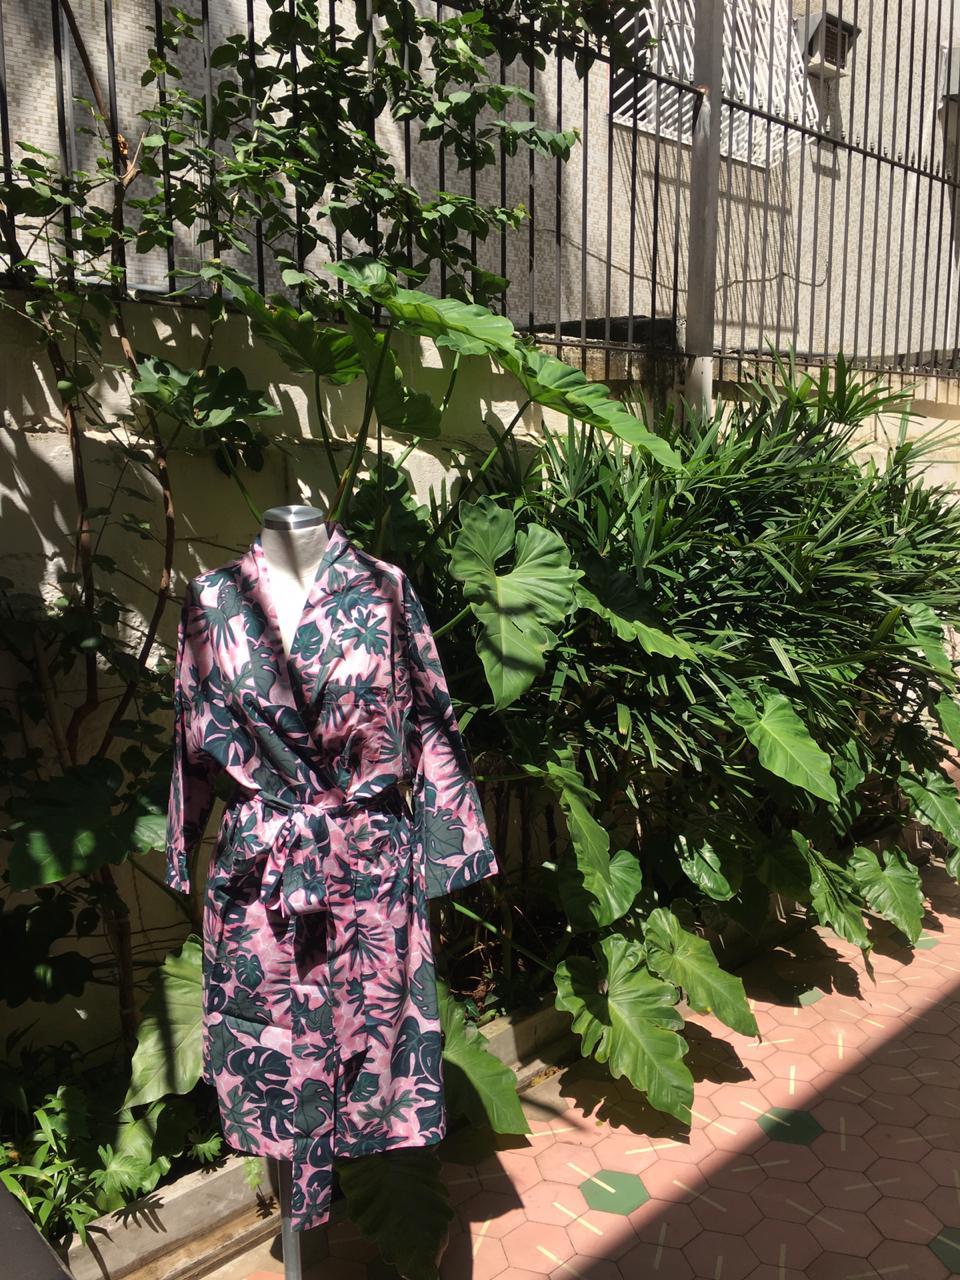 d31ef9b7 c7e0 407f b241 f71ebcf3b6f7 - O que acontece quando Sissa e Dominique Beauté se juntam? Um robe de chambre tropical, bien sûr.